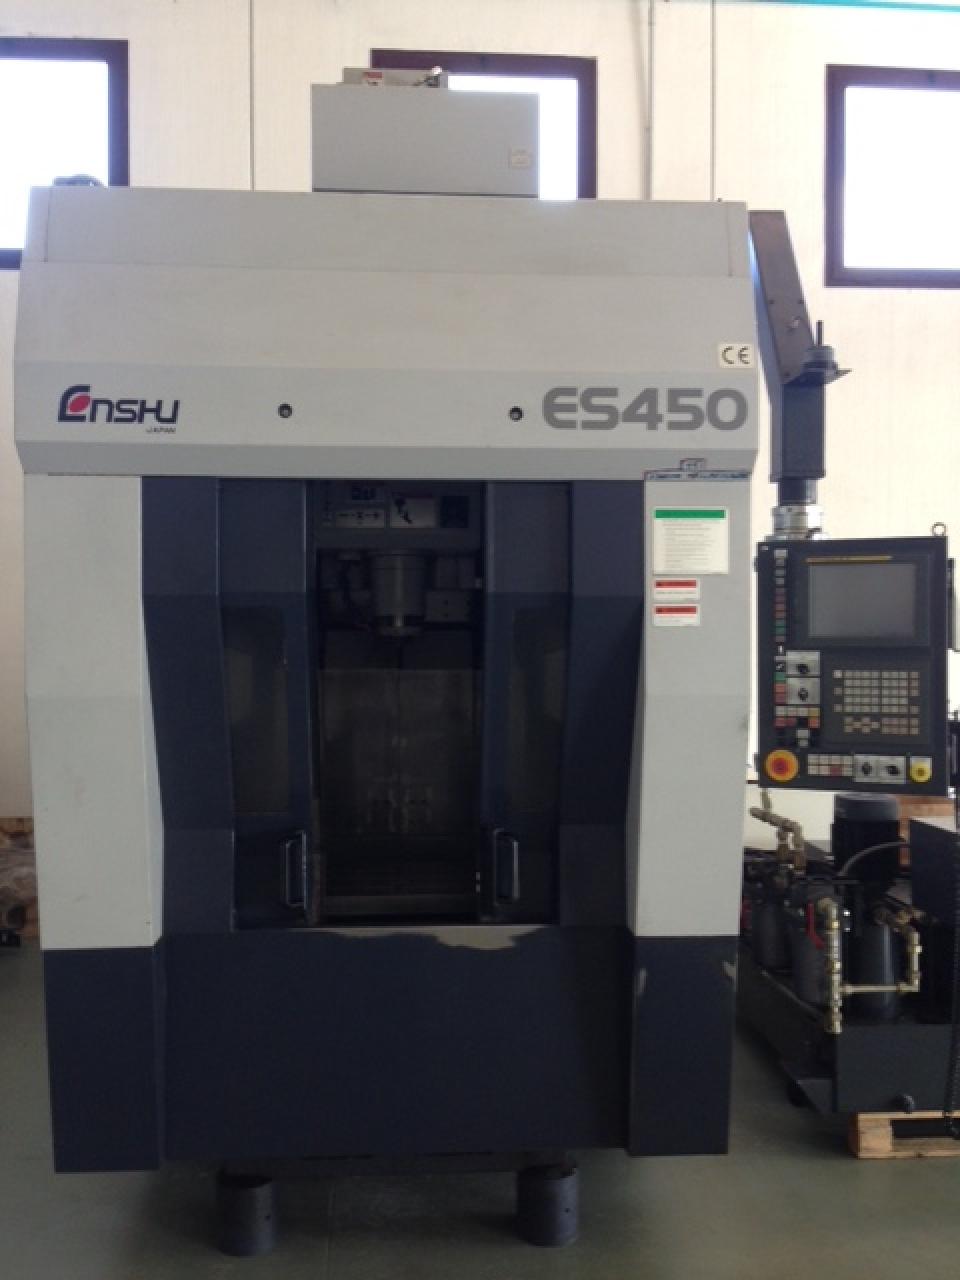 Centro di lavoro a portale ENSHU ES 450 - Foto integrale macchina